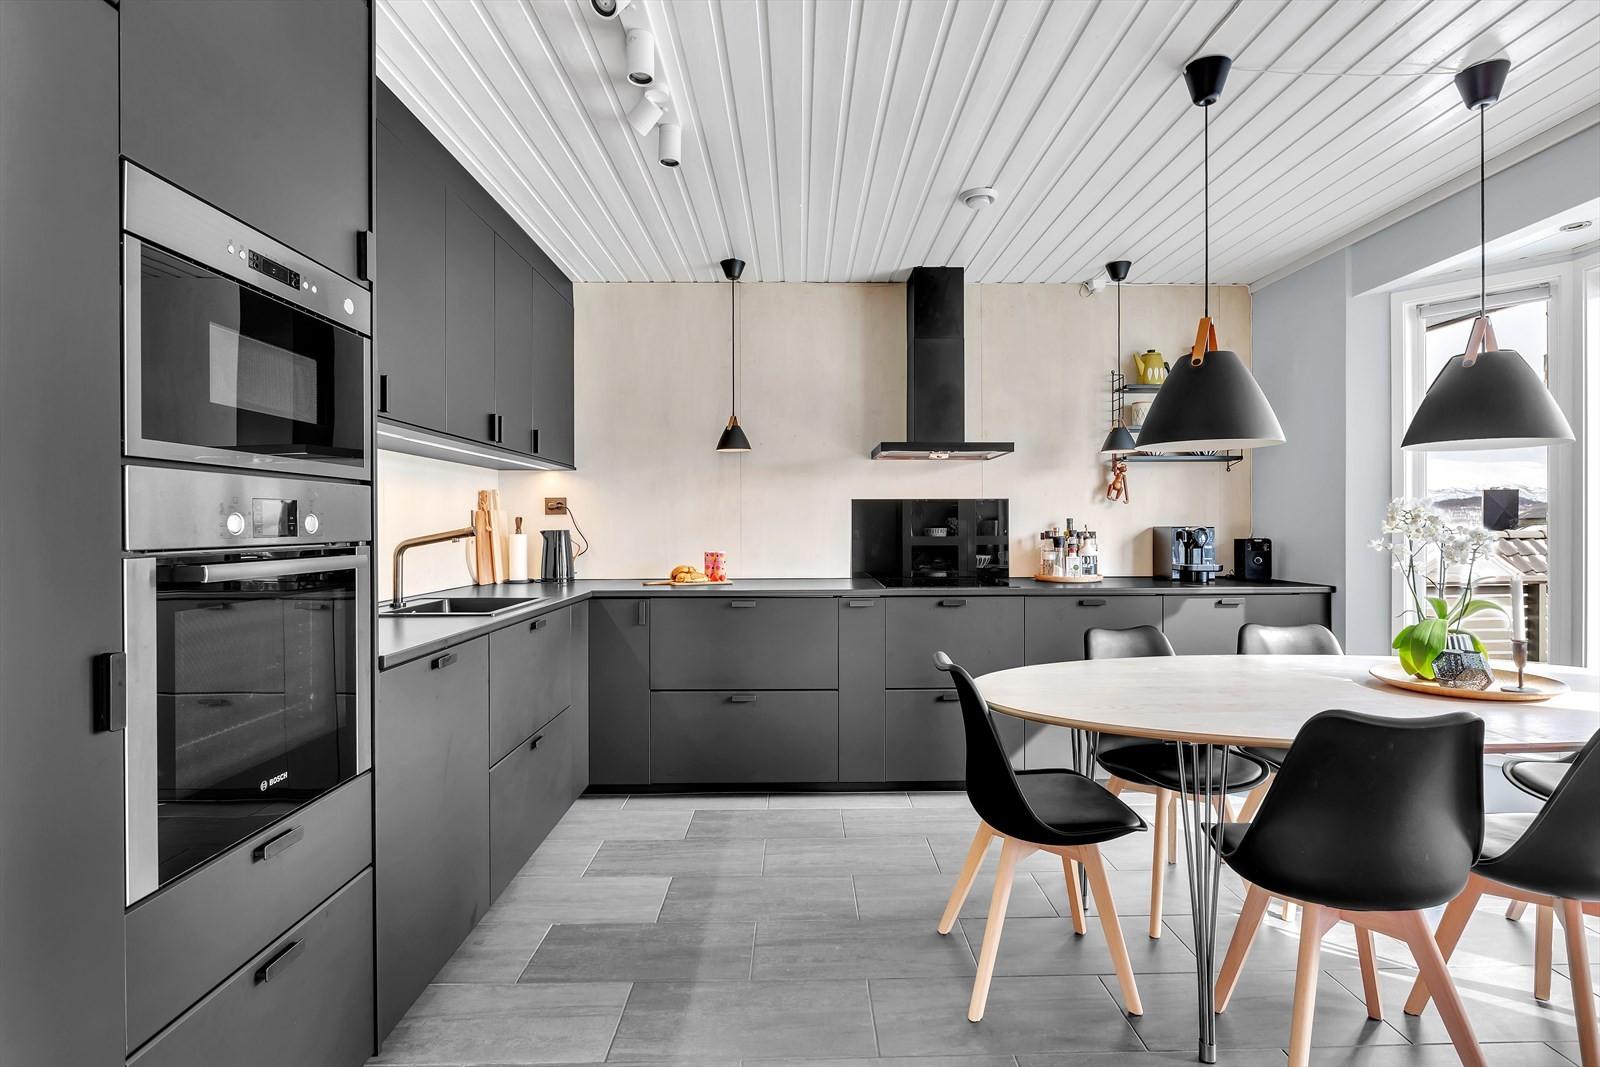 Kjøkkenet er innholdsrikt og nylig fornyet